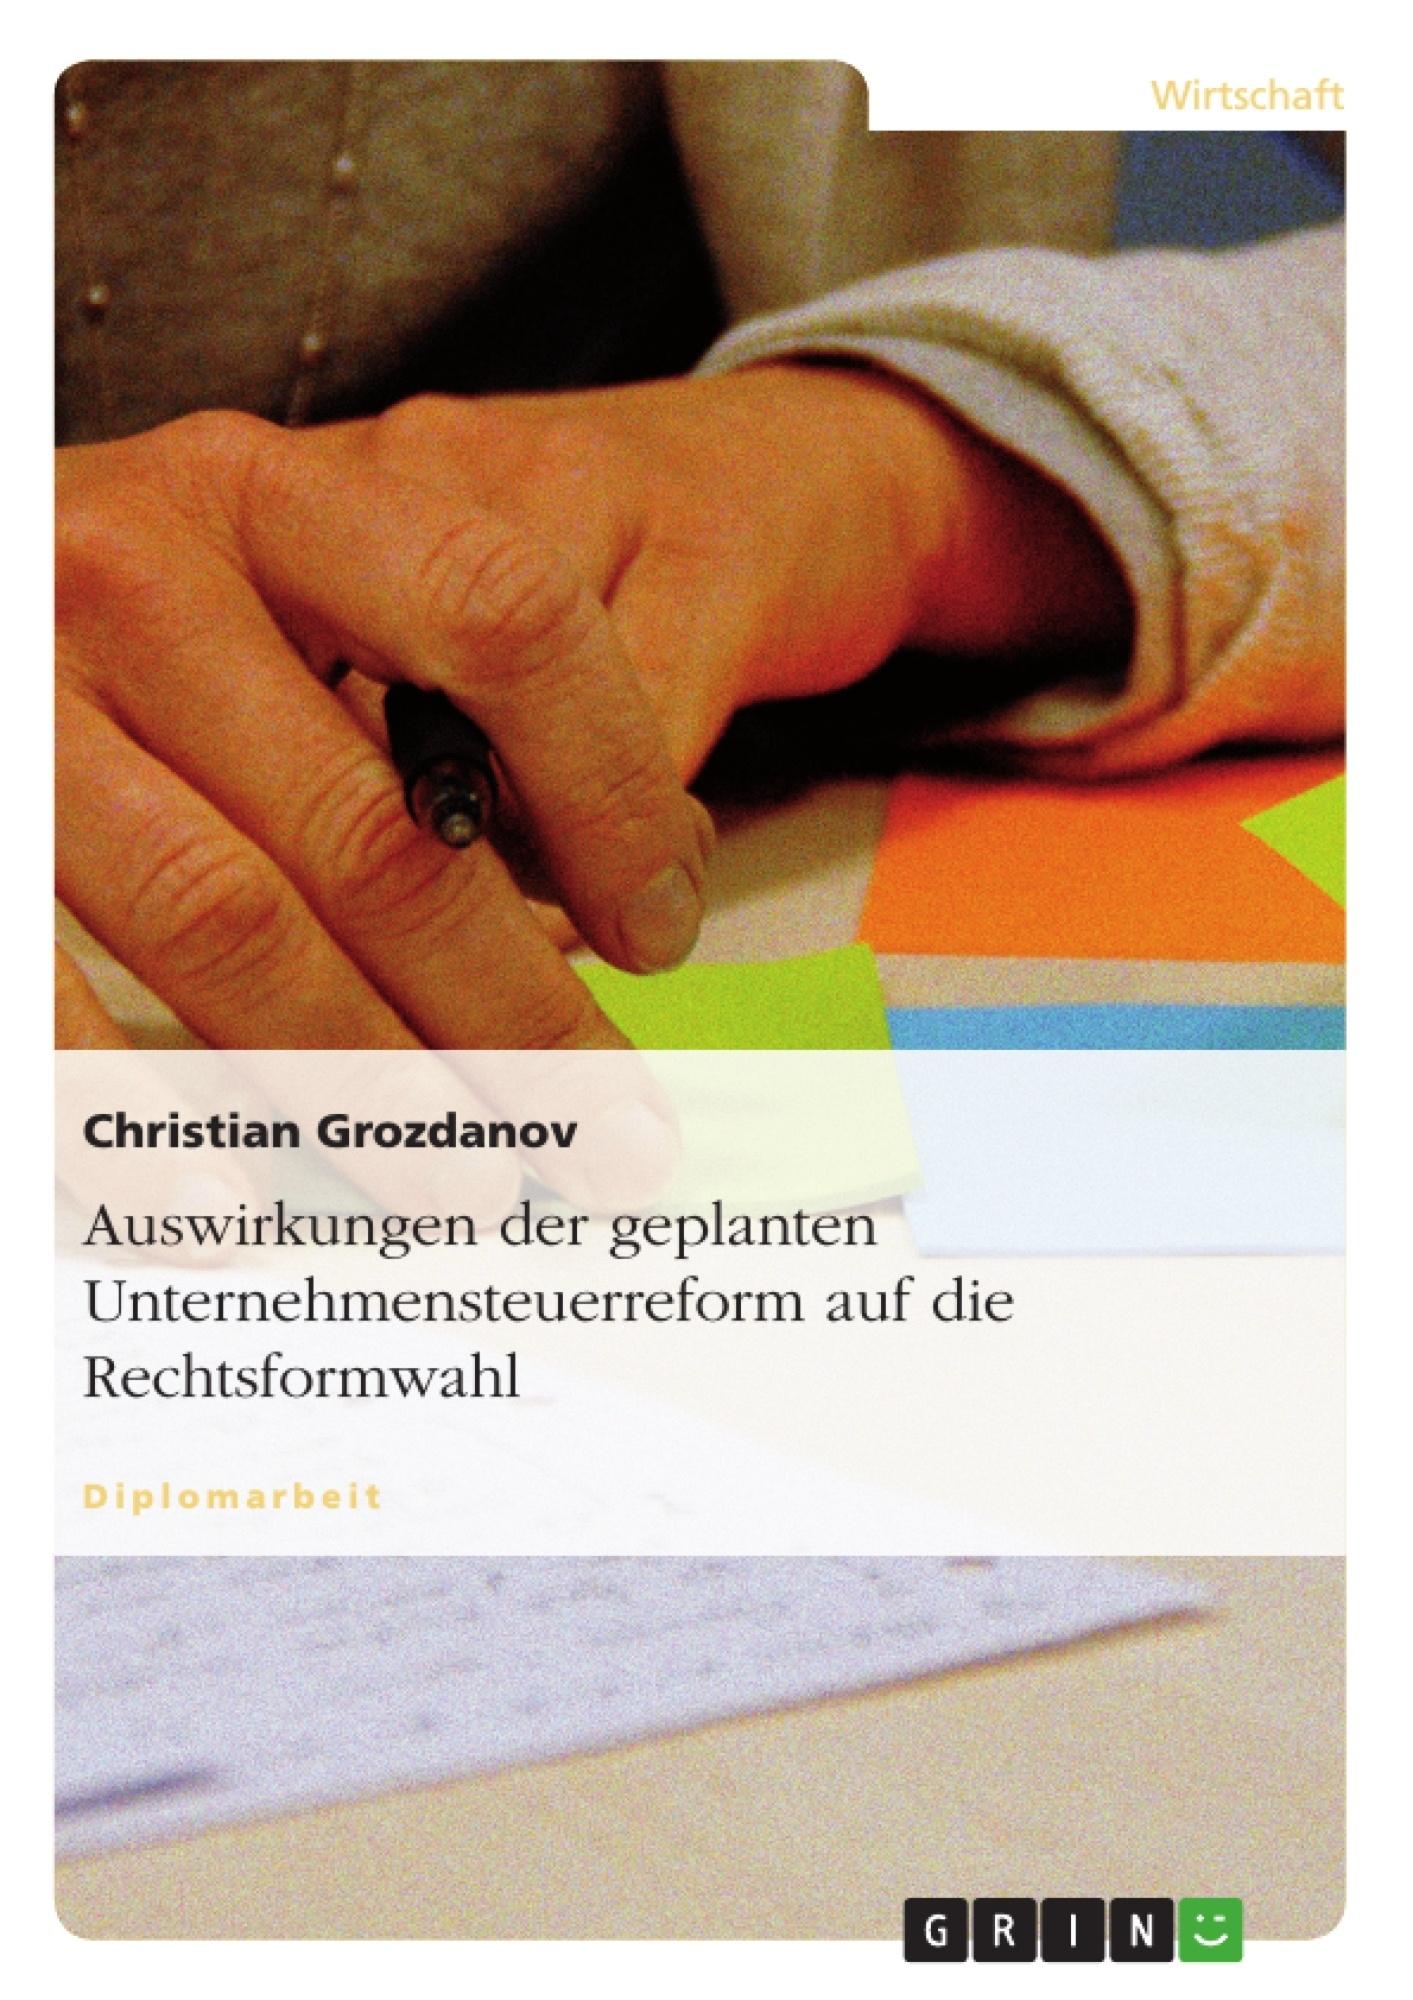 Titel: Auswirkungen der geplanten Unternehmensteuerreform auf die Rechtsformwahl